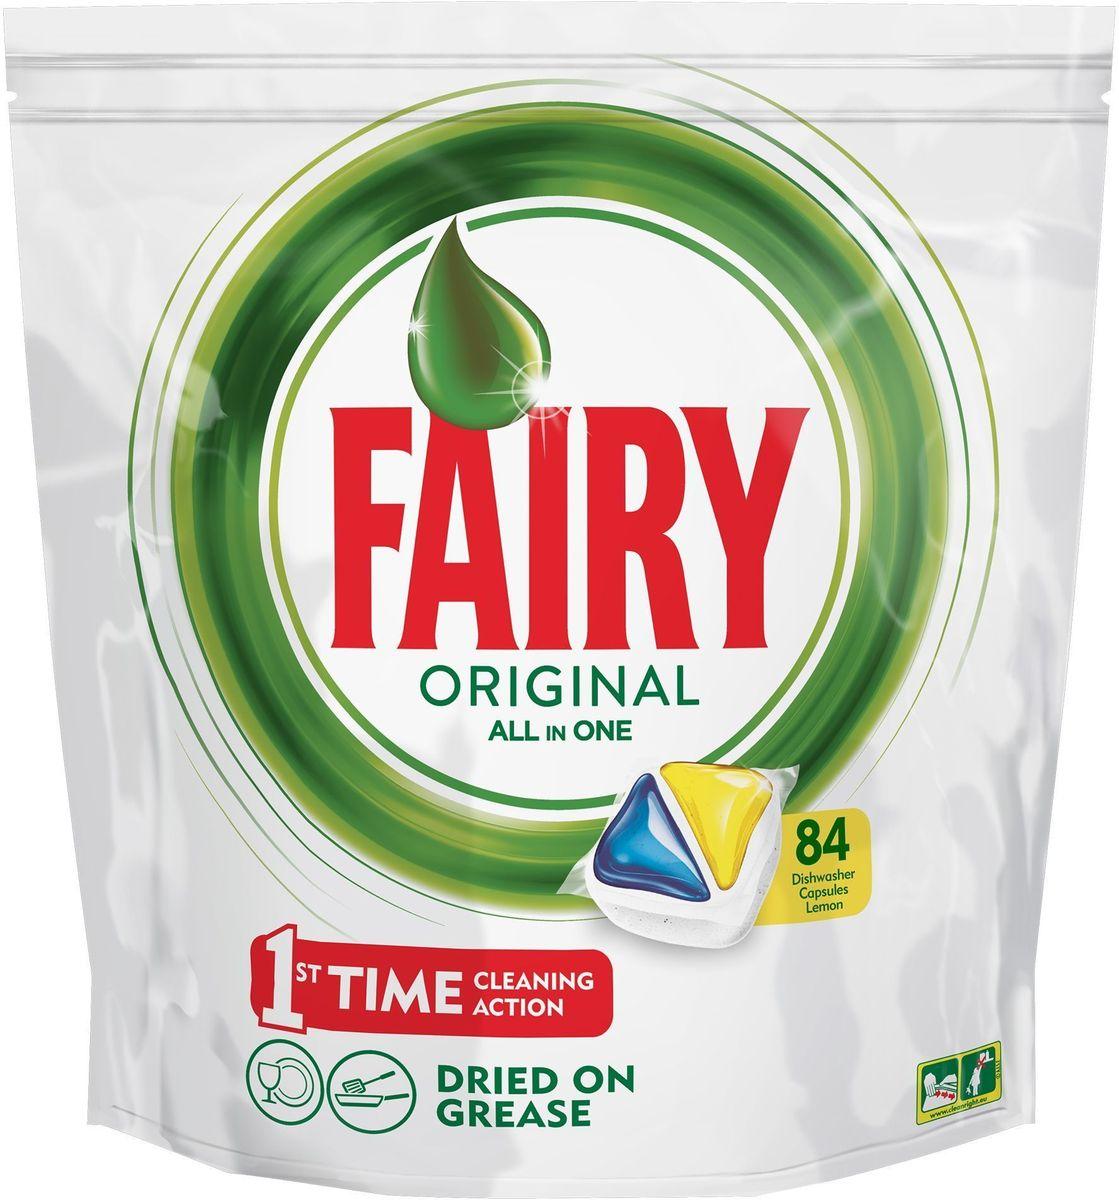 Капсулы для посудомоечной машины Fairy Original All In One, с лимоном, 84 штFR-81615613Капсулы для посудомоечной машины Fairy Original All In One идеально отмывают посуду со сложными загрязнениями с первого раза. Средство содержит гель и порошок в одной капсуле. Капсула растворяется гораздо быстрее, чем другие таблетки для посудомоечной машины, и поэтому начинает действовать немедленно. Кроме того, капсулы Fairy очень просты в использовании - просто поместите их в посудомоечную машину (не нужно распаковывать). Преимущества: - Средство справляется с засохшей пригоревшей грязью и чистит даже самые сложные загрязнения- С функцией супер сияния посуды - С добавлением соли и ополаскивателя - С защитой стекла и серебра - Сохраняет приятный запах в посудомоечной машине- С жидким моющим средством для борьбы со сложным жиром- Произведено и протестировано для использования во всех посудомоечных машинах- Готовы к использованию- Не нужно разворачивать - 1 капсула = 1 загрузкаПоместите капсулу в отсек для моющего средства и сразу закройте. Брать капсулу только сухими руками. Не разворачивайте и не прокалывайте капсулу. Закрывайте пакет после каждого использования.Товар сертифицирован.